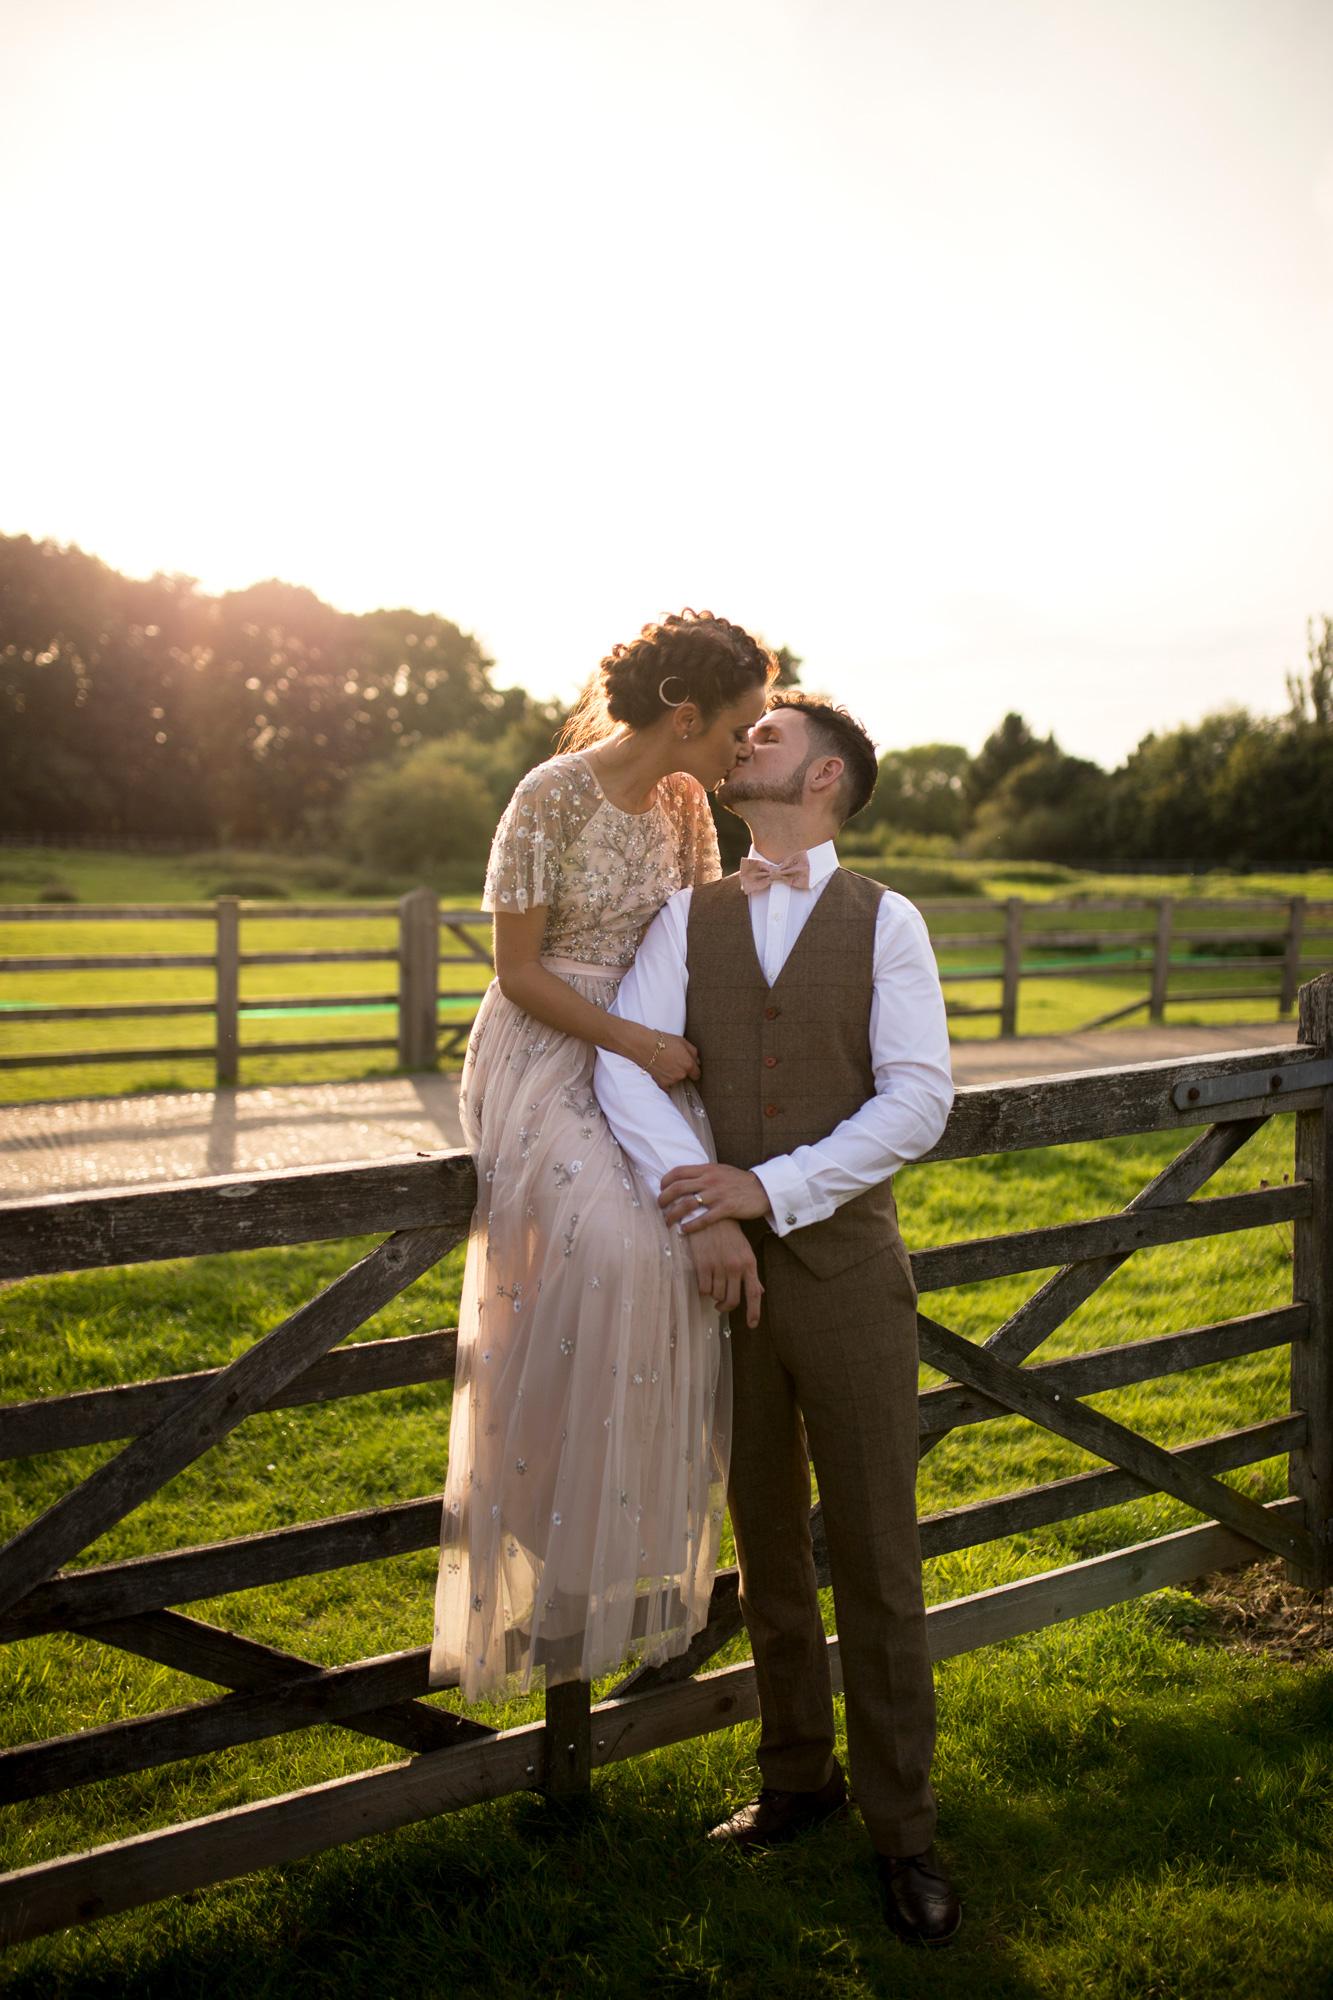 Couple, Kissing Gate, Happy, Wedding Day, Sunset, Bedfordshire Wedding,